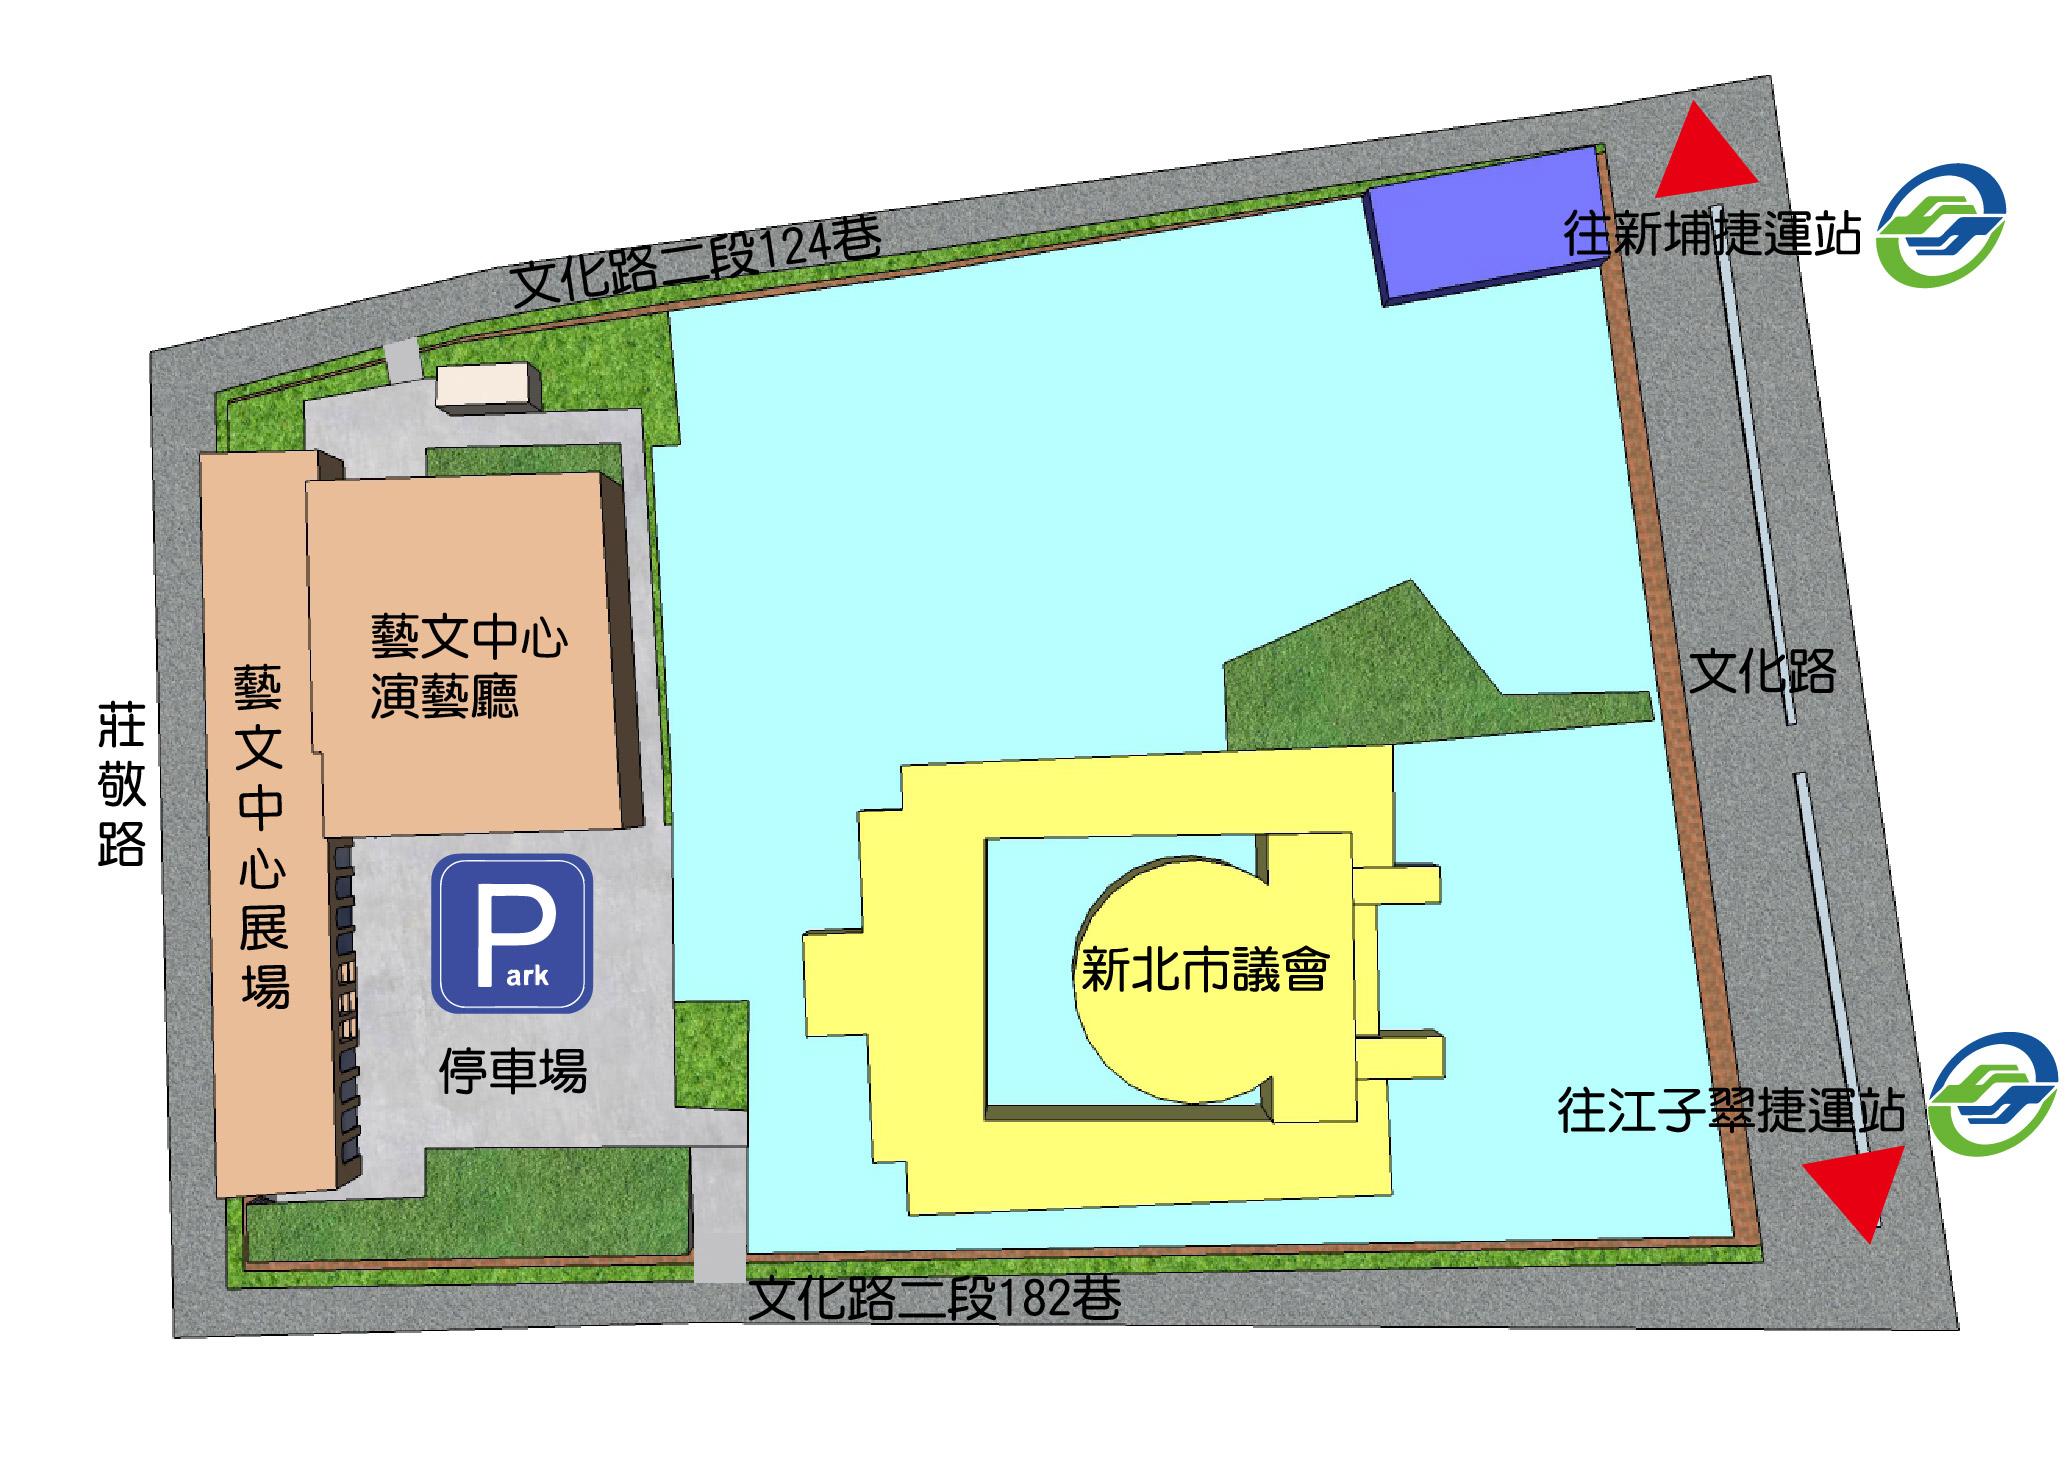 新北市藝文中心位置俯瞰圖